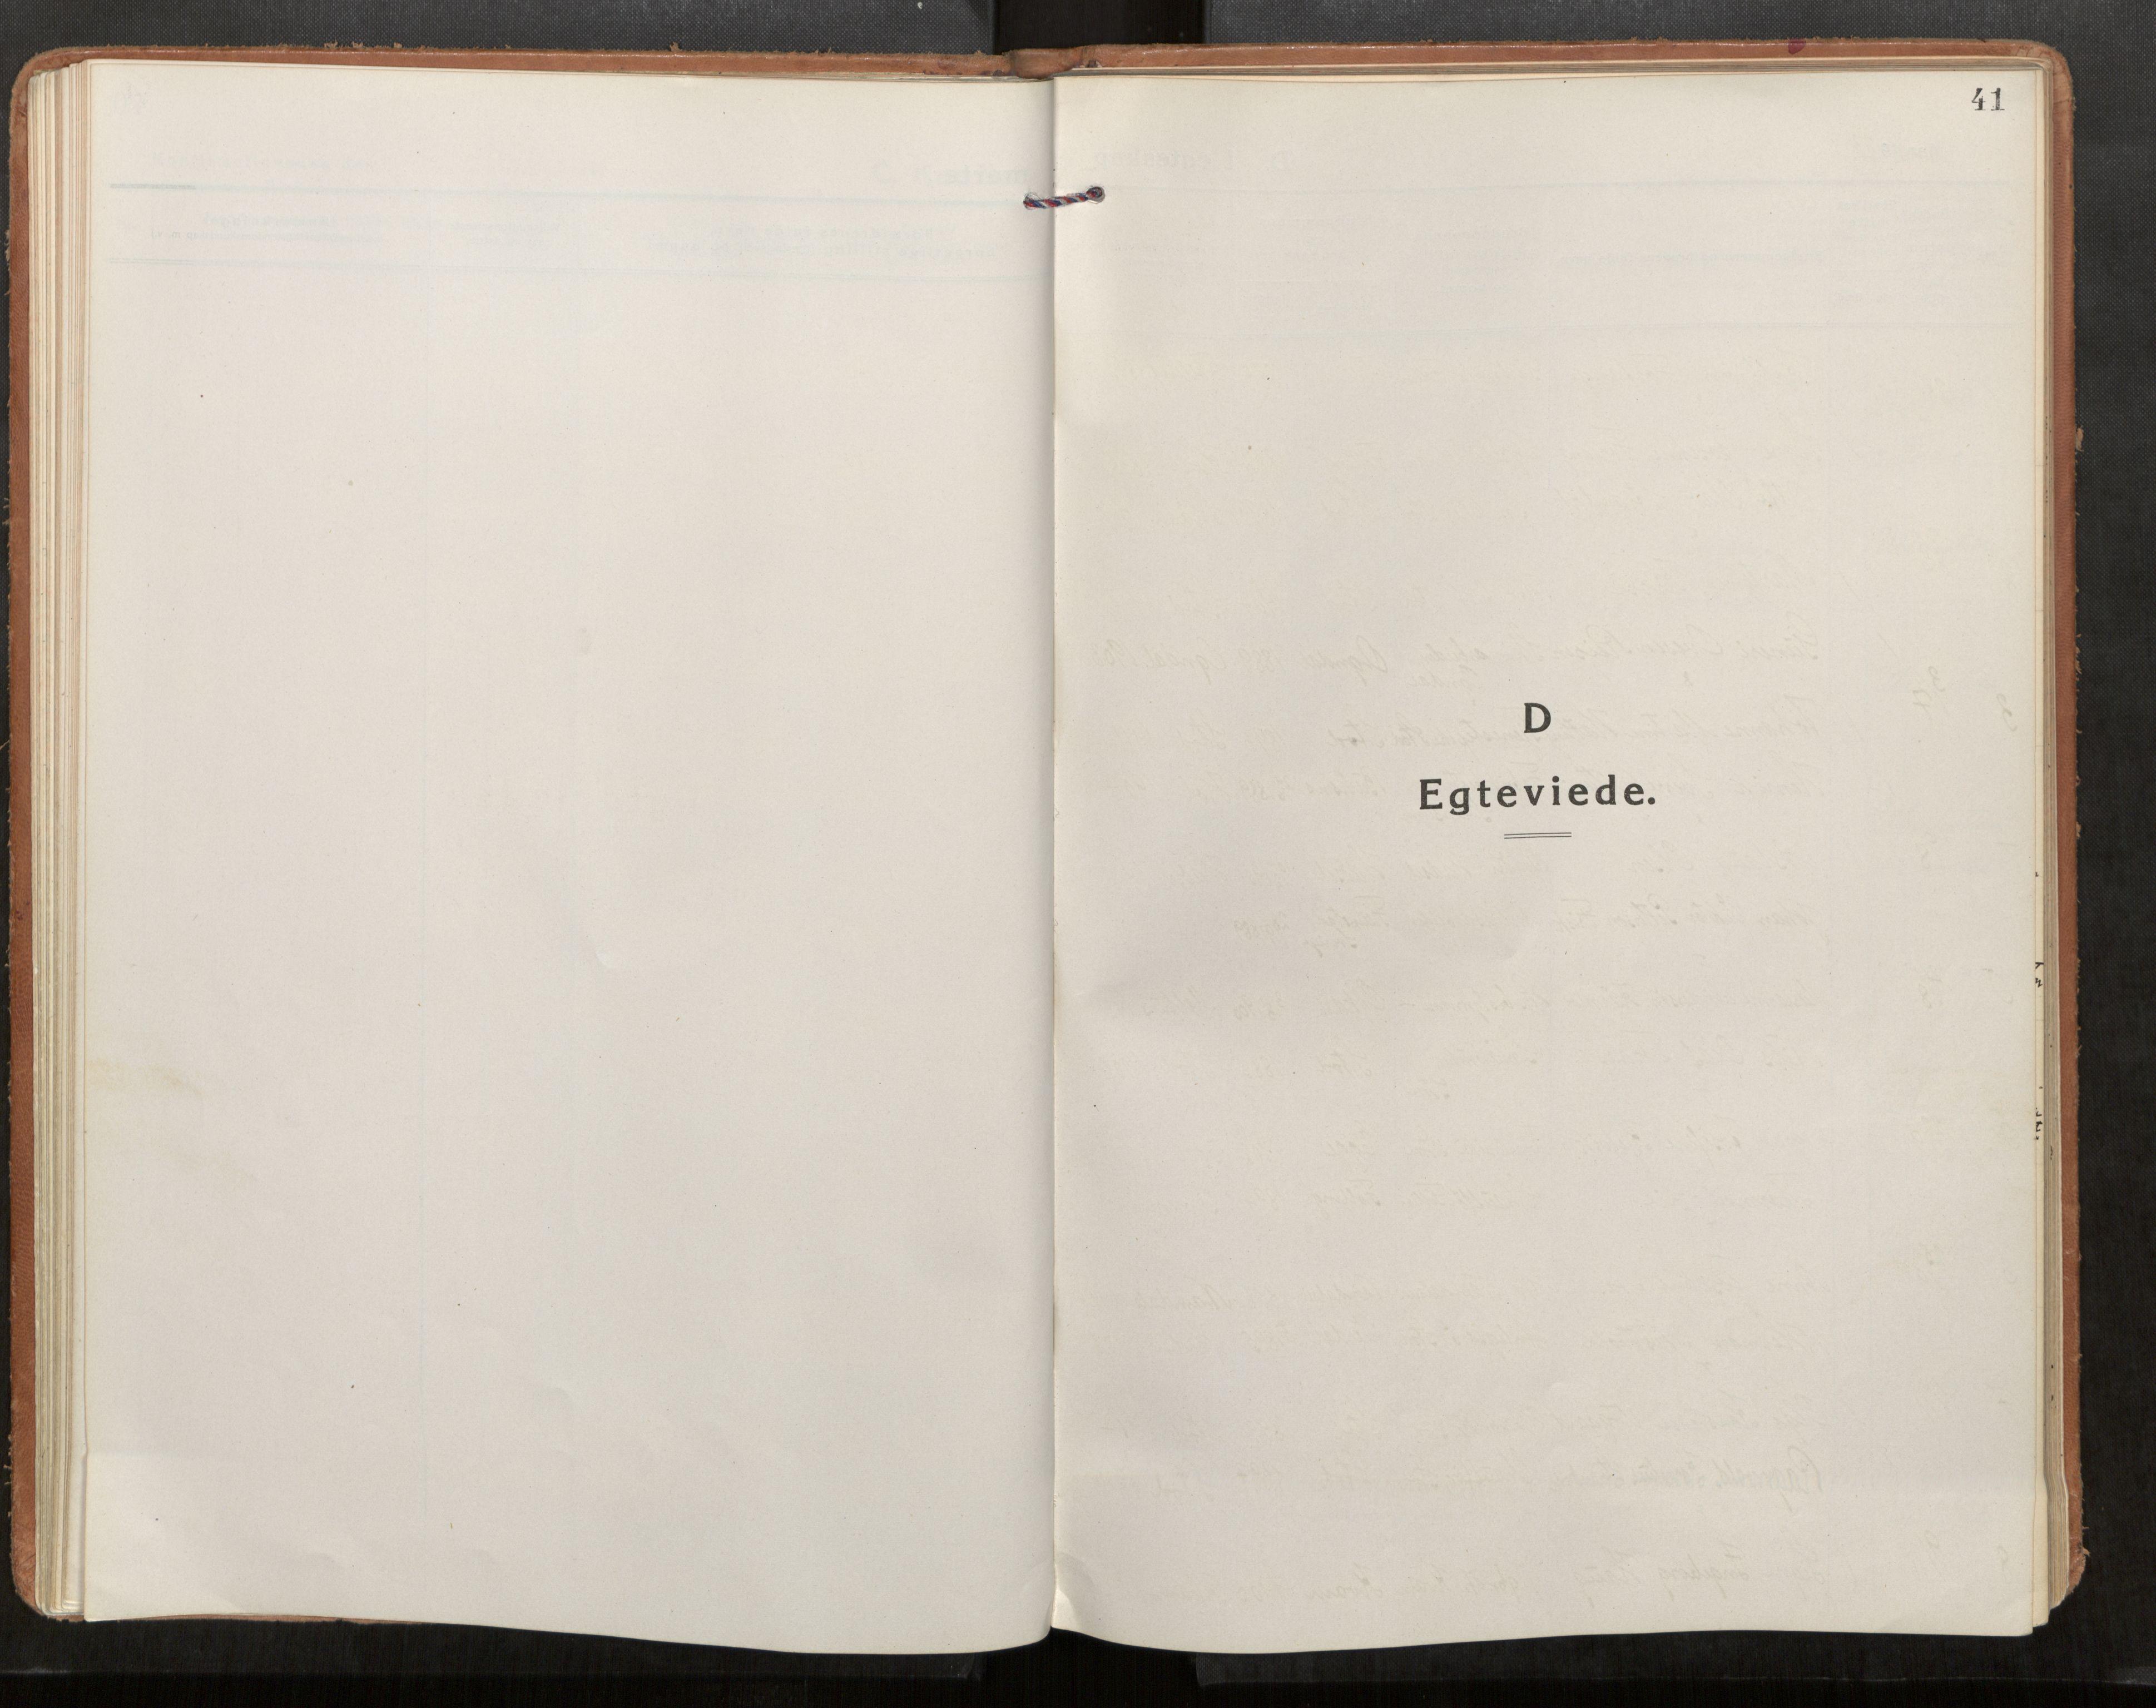 SAT, Stod sokneprestkontor, I/I1/I1a/L0005: Parish register (official) no. 5, 1923-1932, p. 41